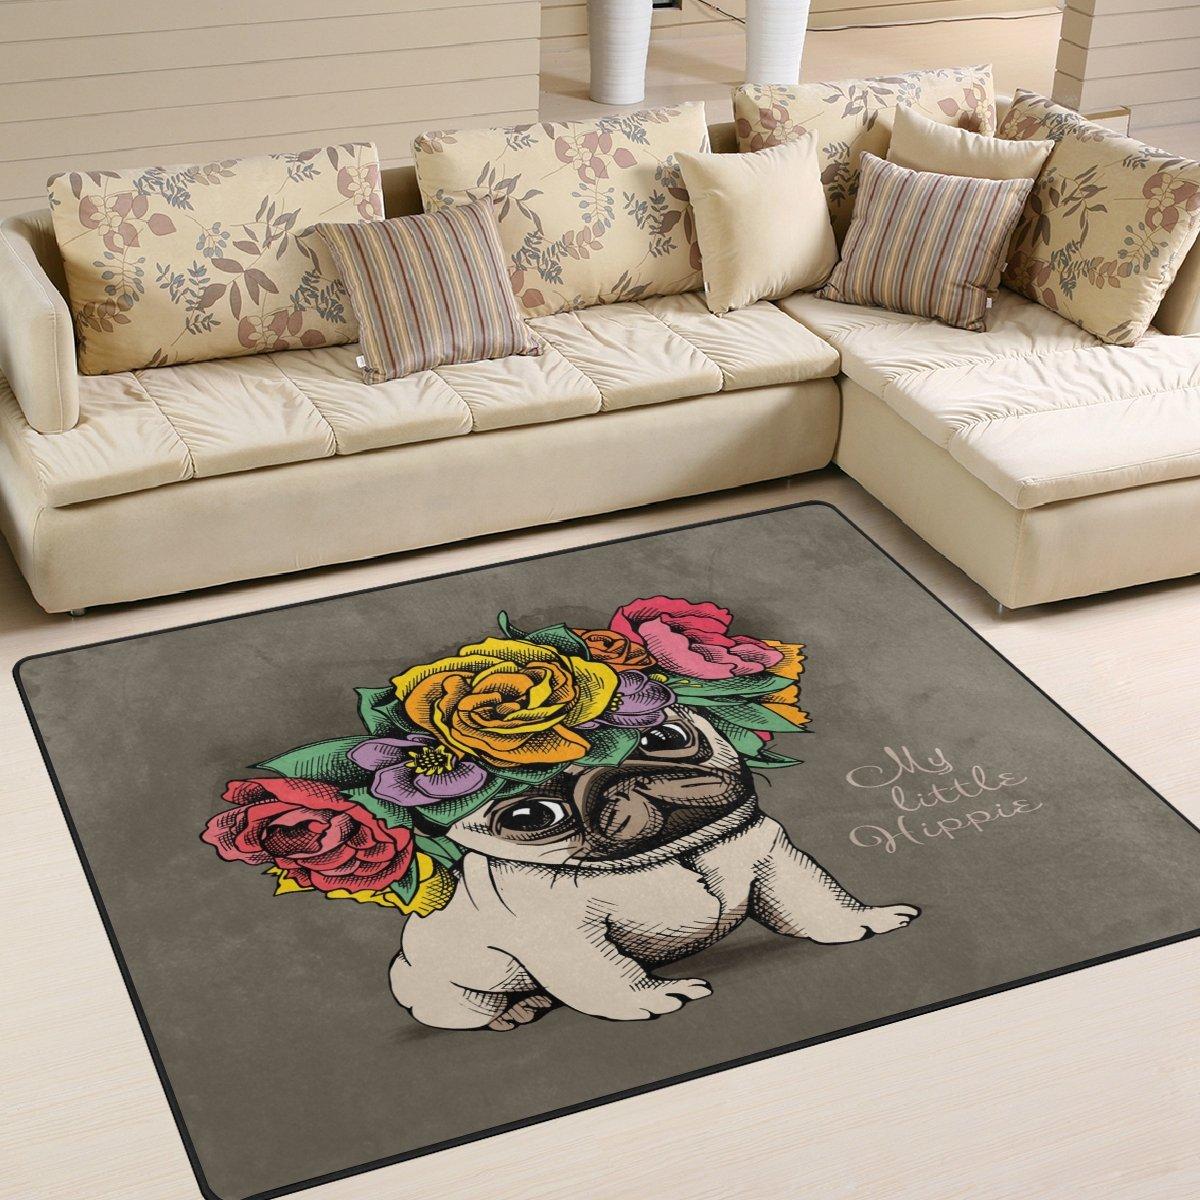 Use7 Teppich, Motiv Mops, Hund im Blumenkopf, Kranz, Retro-Teppich, für Wohnzimmer, Schlafzimmer, Textil, Mehrfarbig, 203cm x 147.3cm(7 x 5 feet)